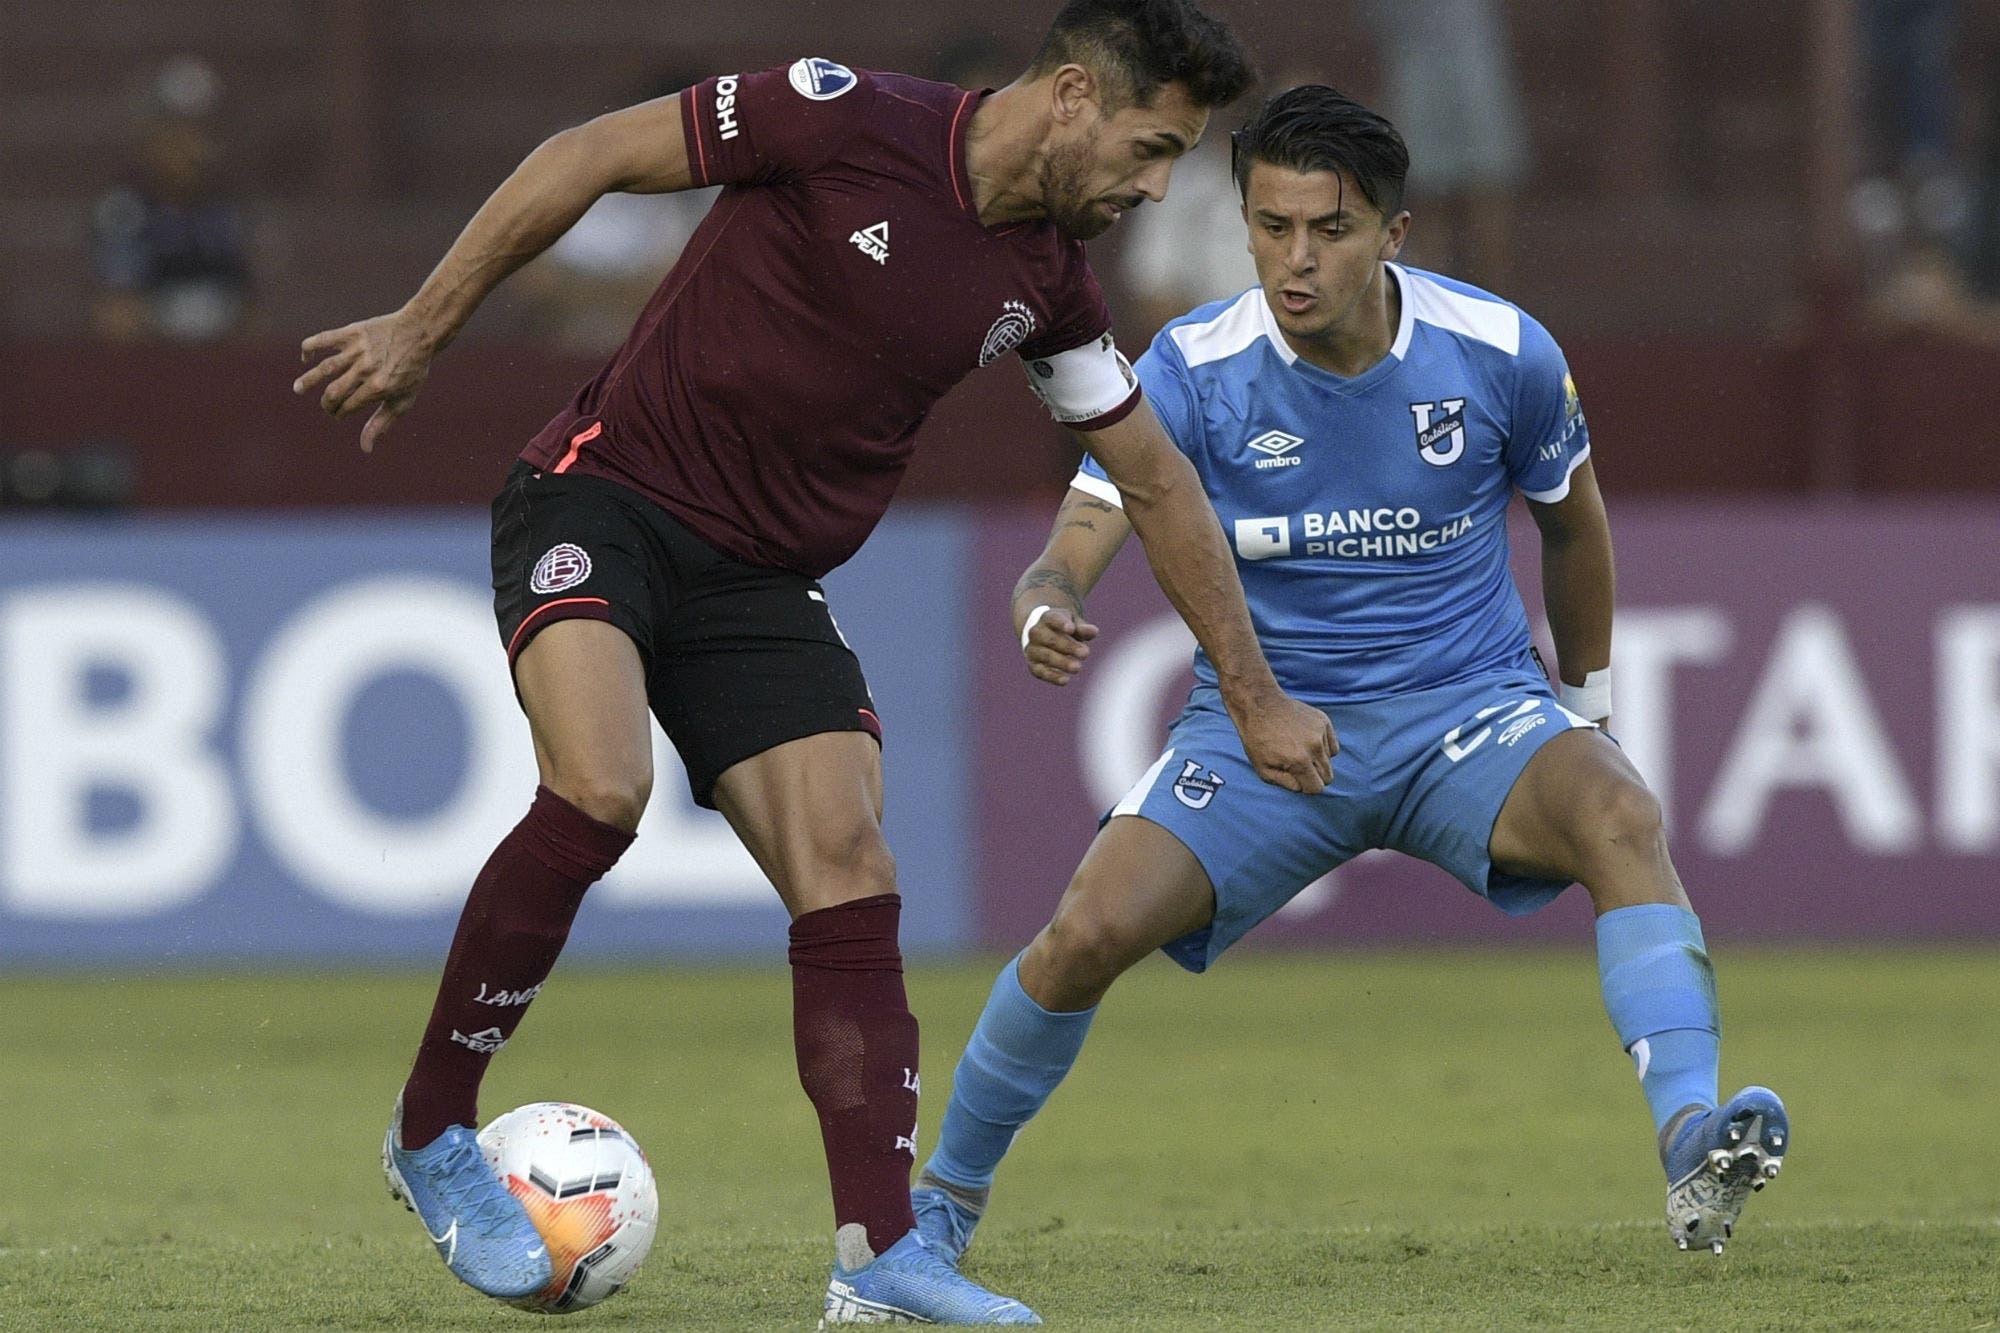 Lanús-Universidad Católica de Ecuador, por la Copa Sudamericana: el equipo argentino da el primer paso